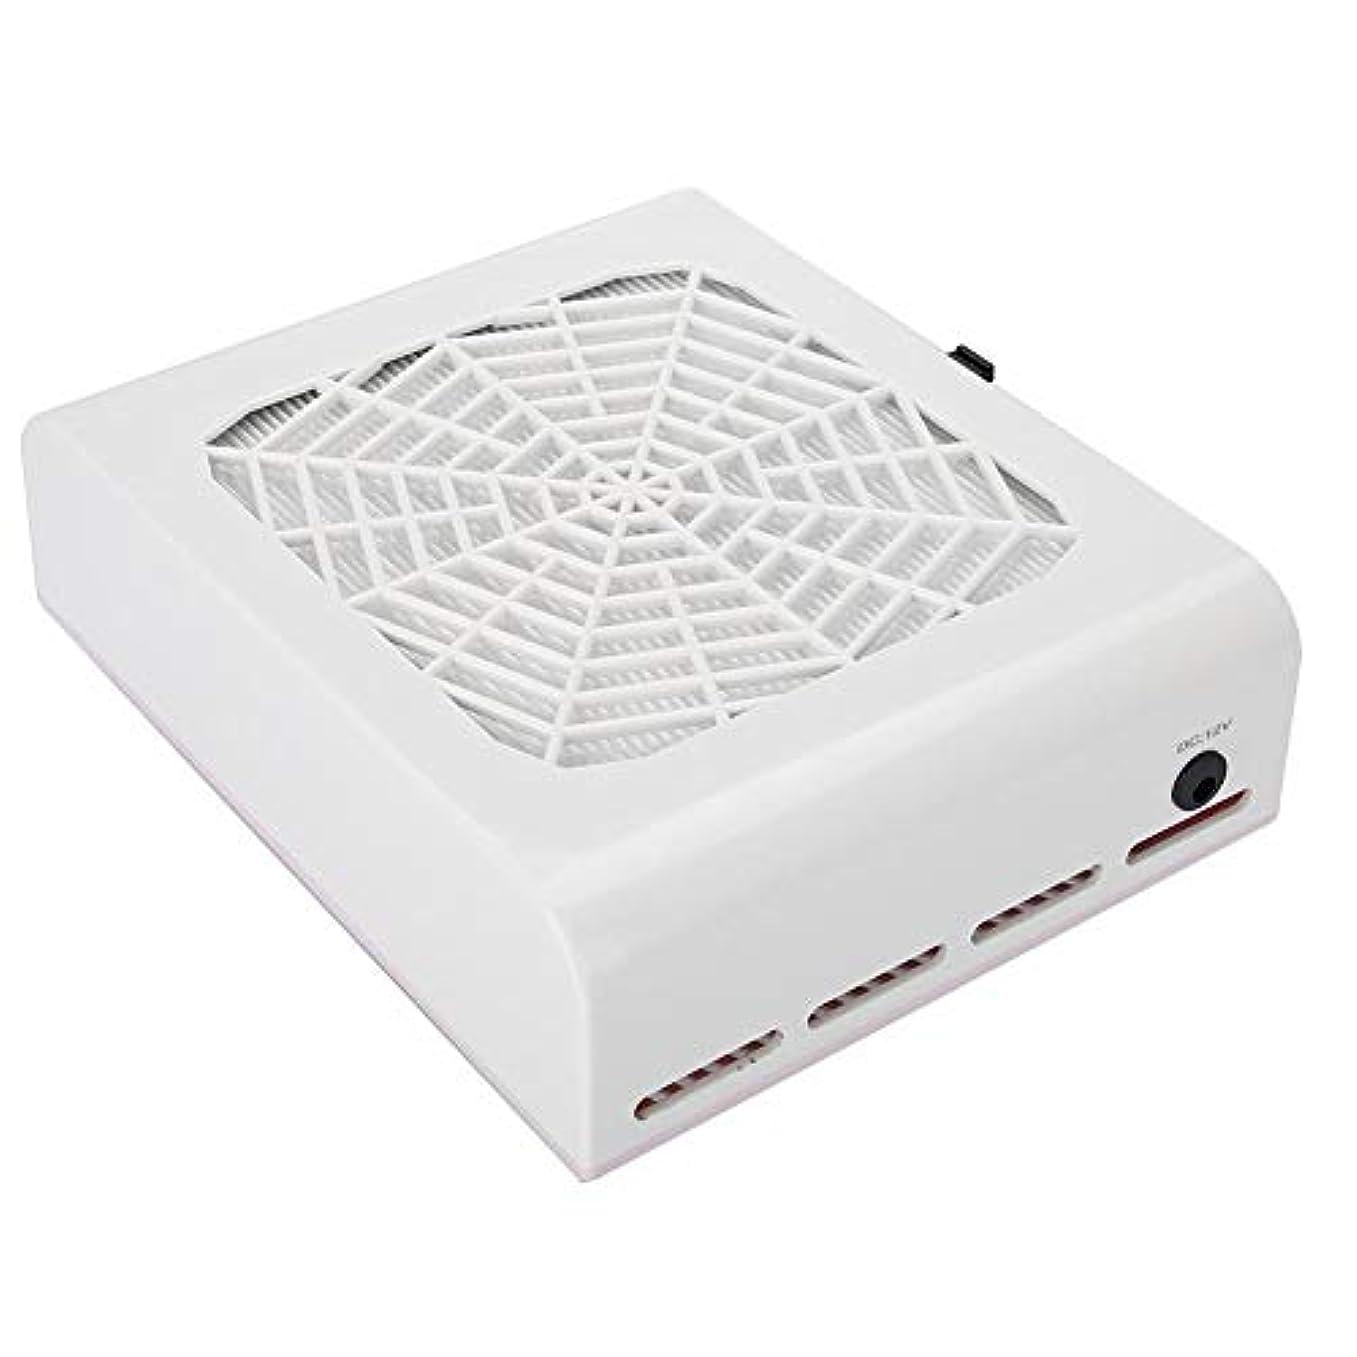 いつでも供給囲まれたネイルダストコレクター、48ワット強力な真空クリーナーネイルアートマニキュアツール用UVジェルネイルバキュームダストネイルダスト(ホワイト)(US Plug)